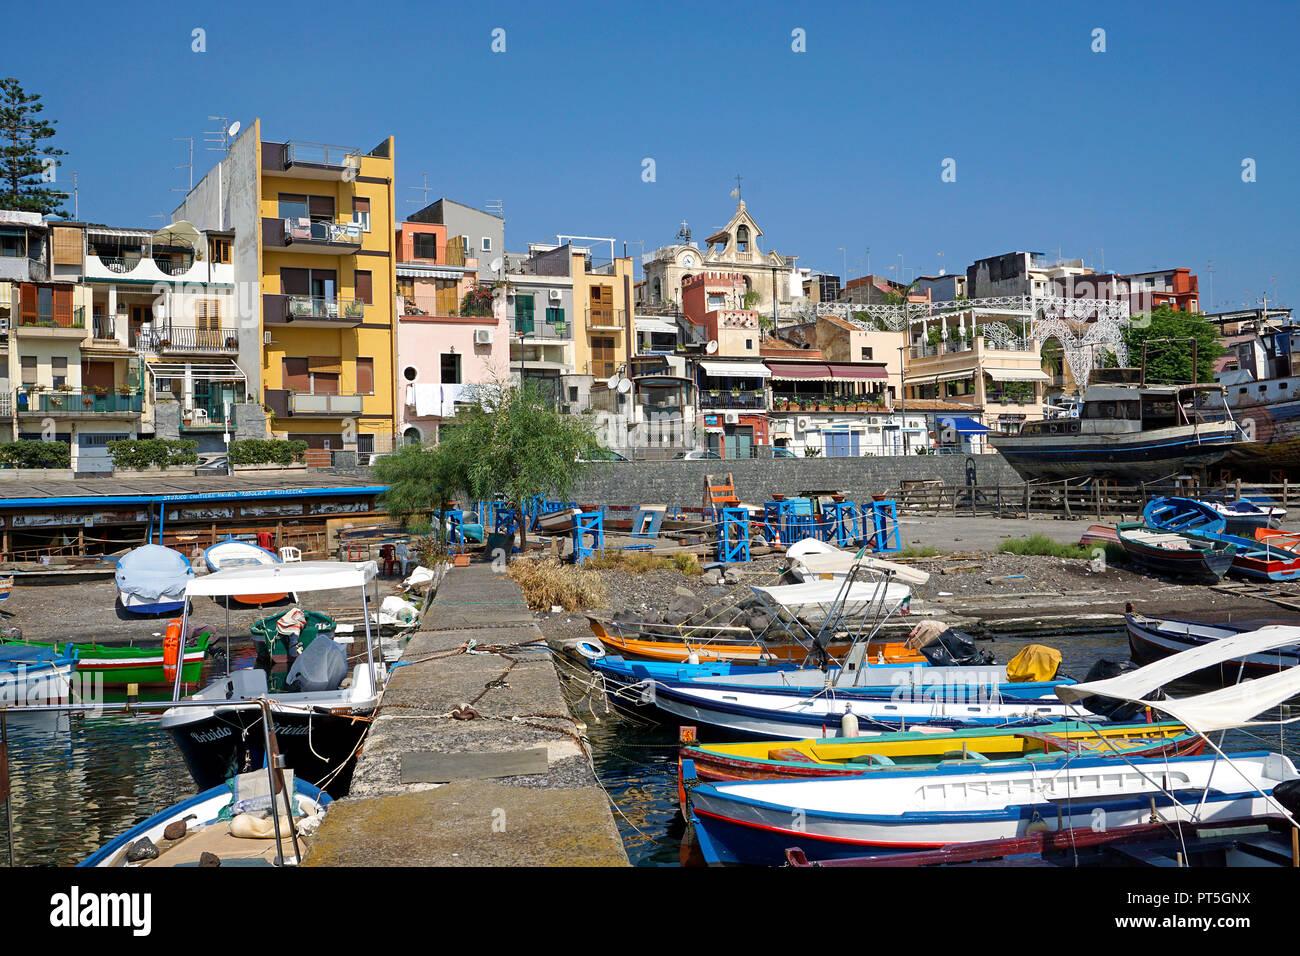 Hafen von Fischerdorf Aci Trezza, Gemeinde Aci Castello, Catania, Sizilien, Italien Stockbild